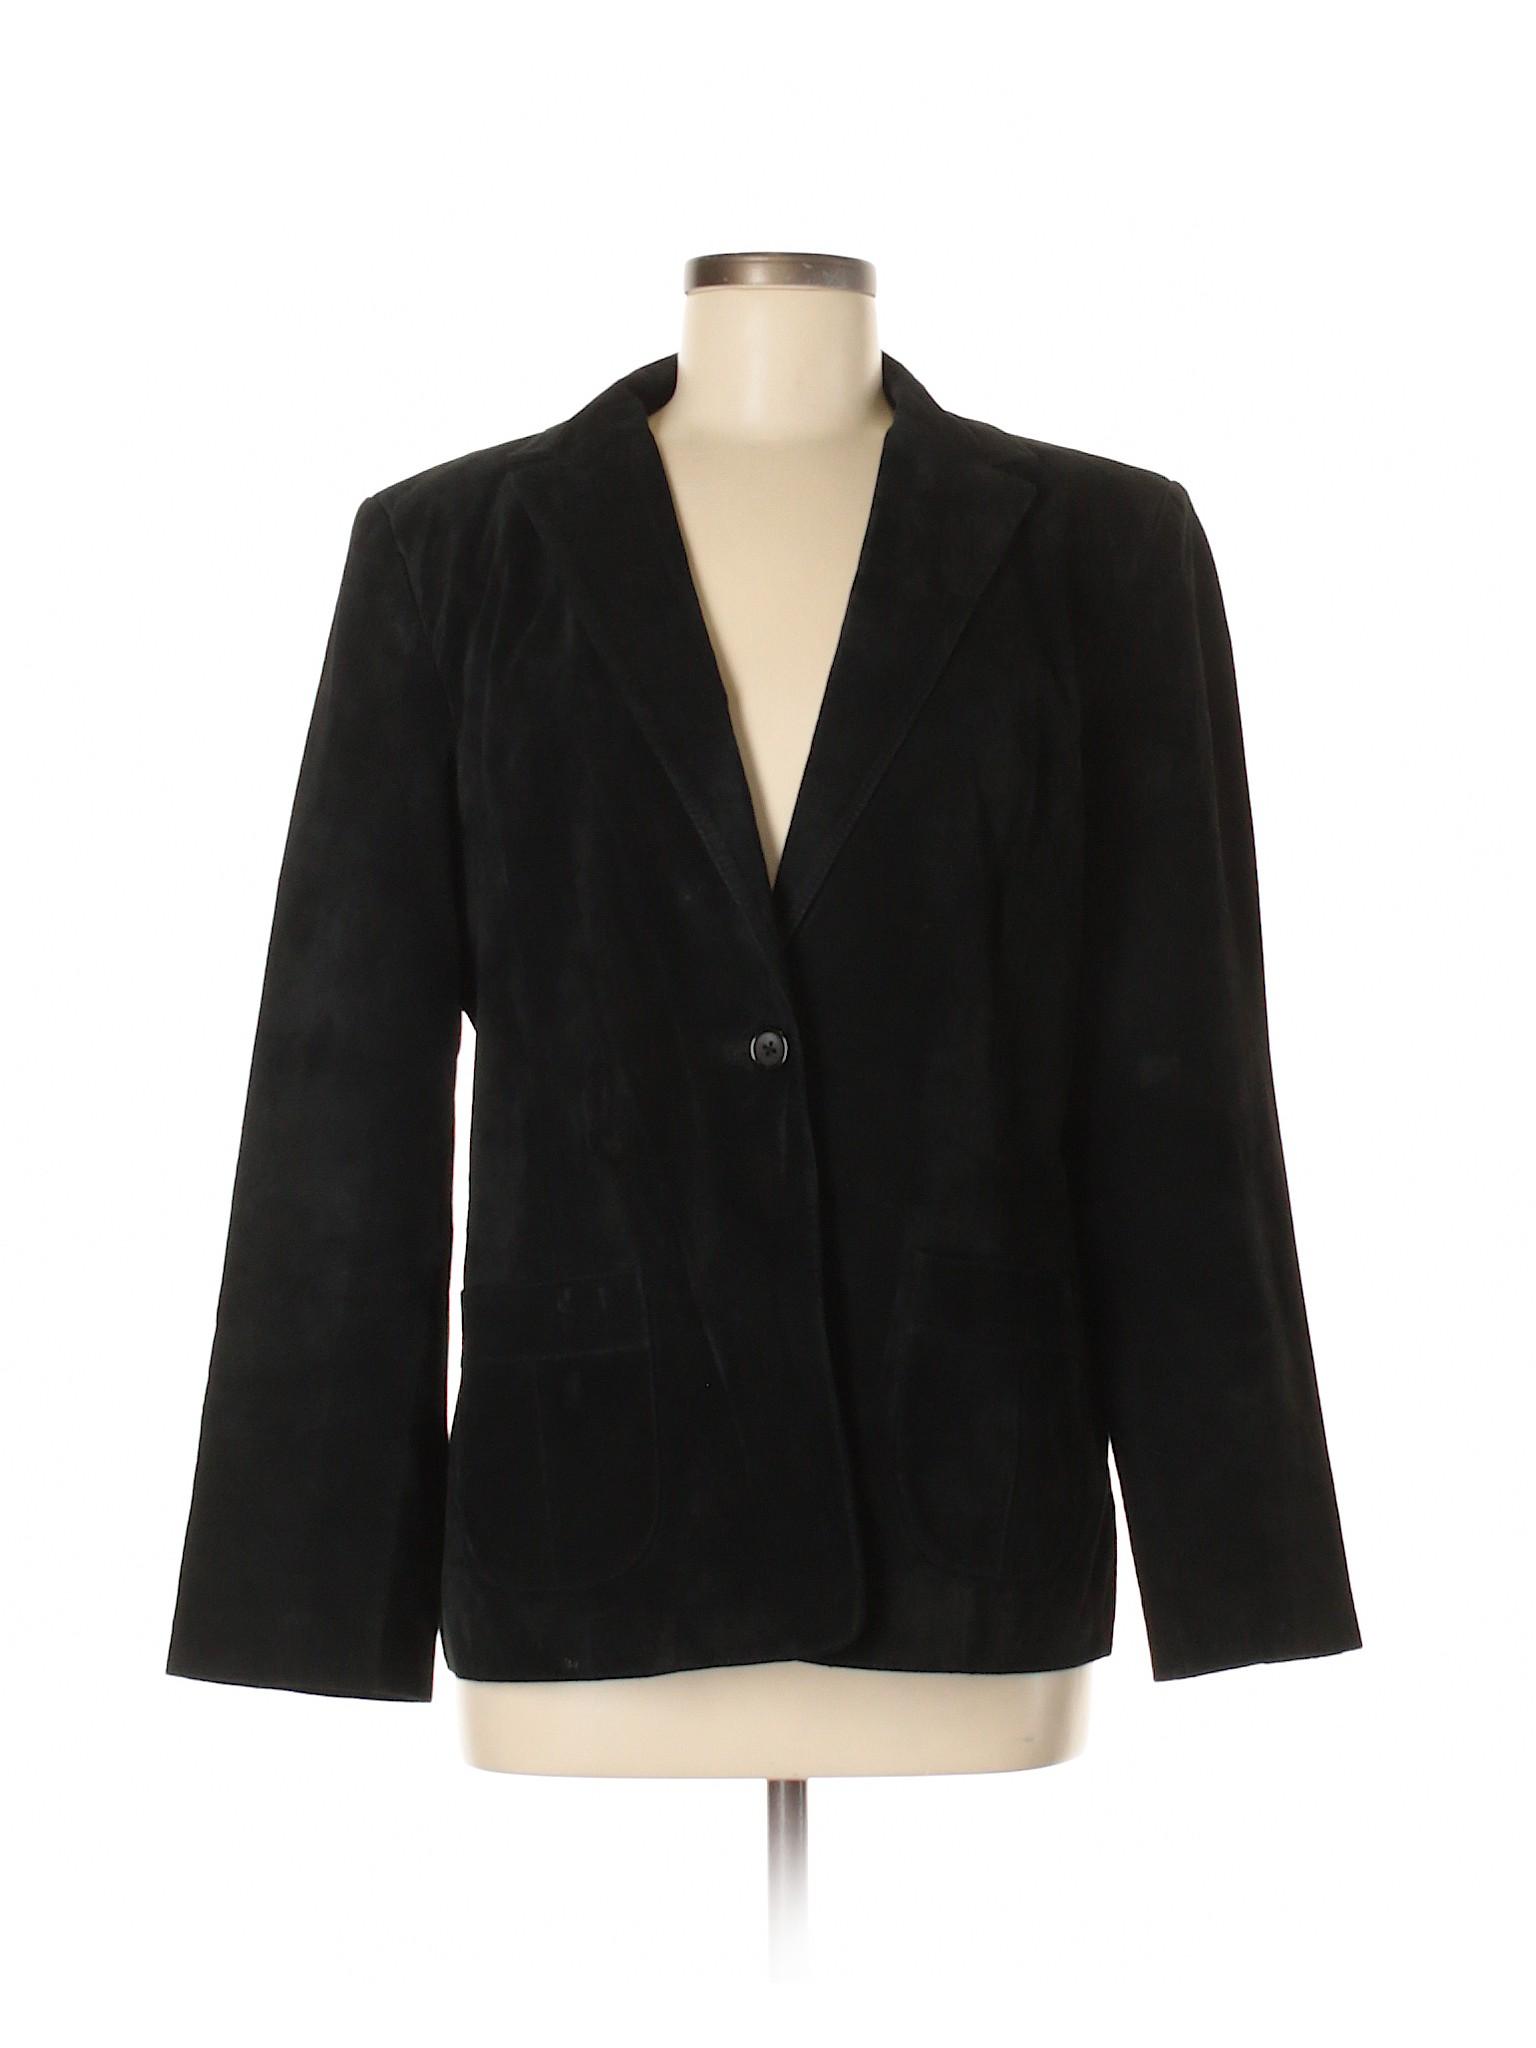 Alfani Alfani Jacket Boutique Alfani Leather Jacket Leather Boutique Boutique 6E8Atxd